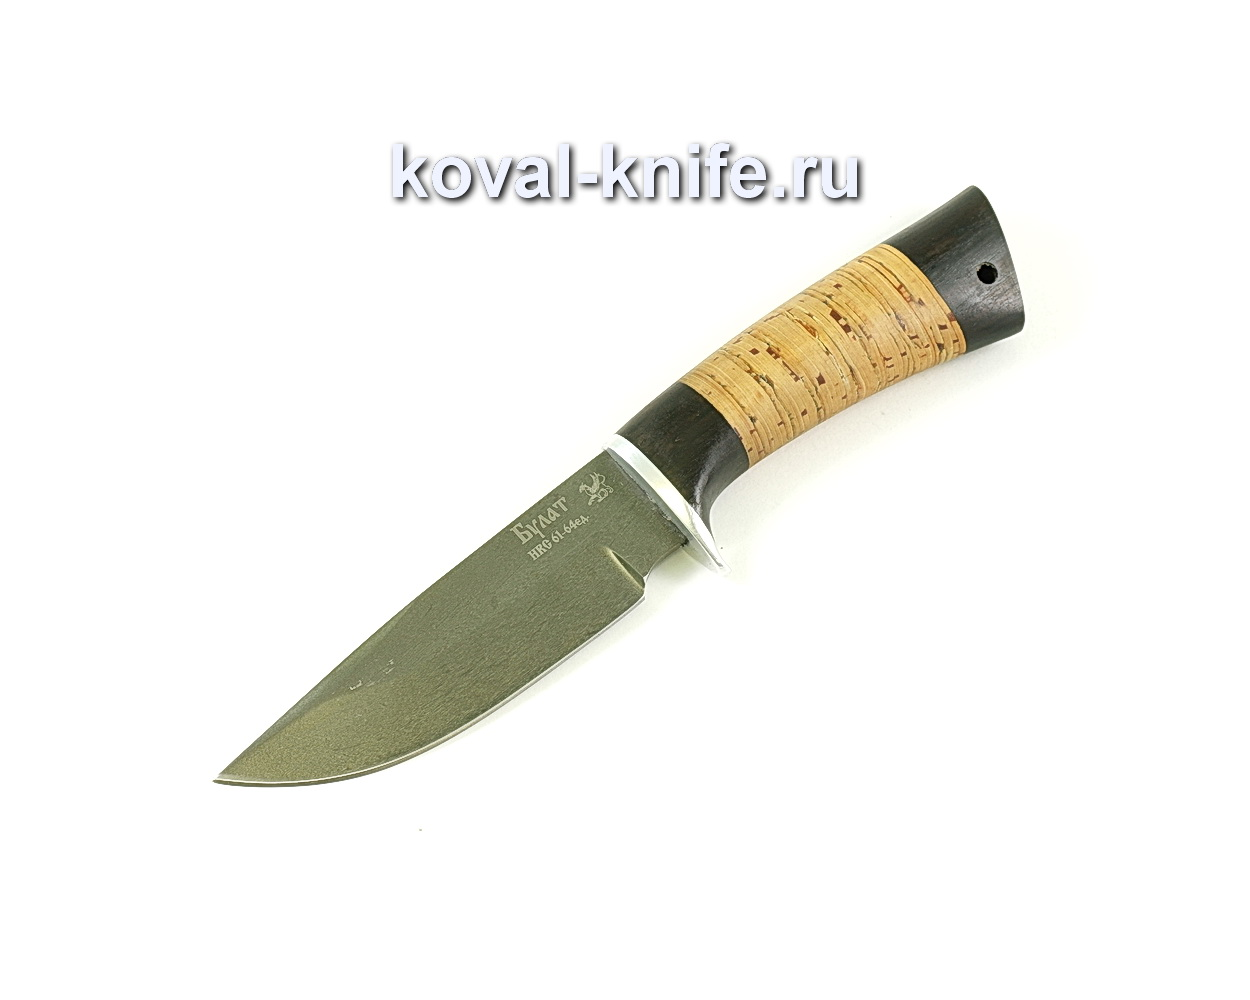 Нож Норвег (сталь Булат) рукоять венге, береста A052